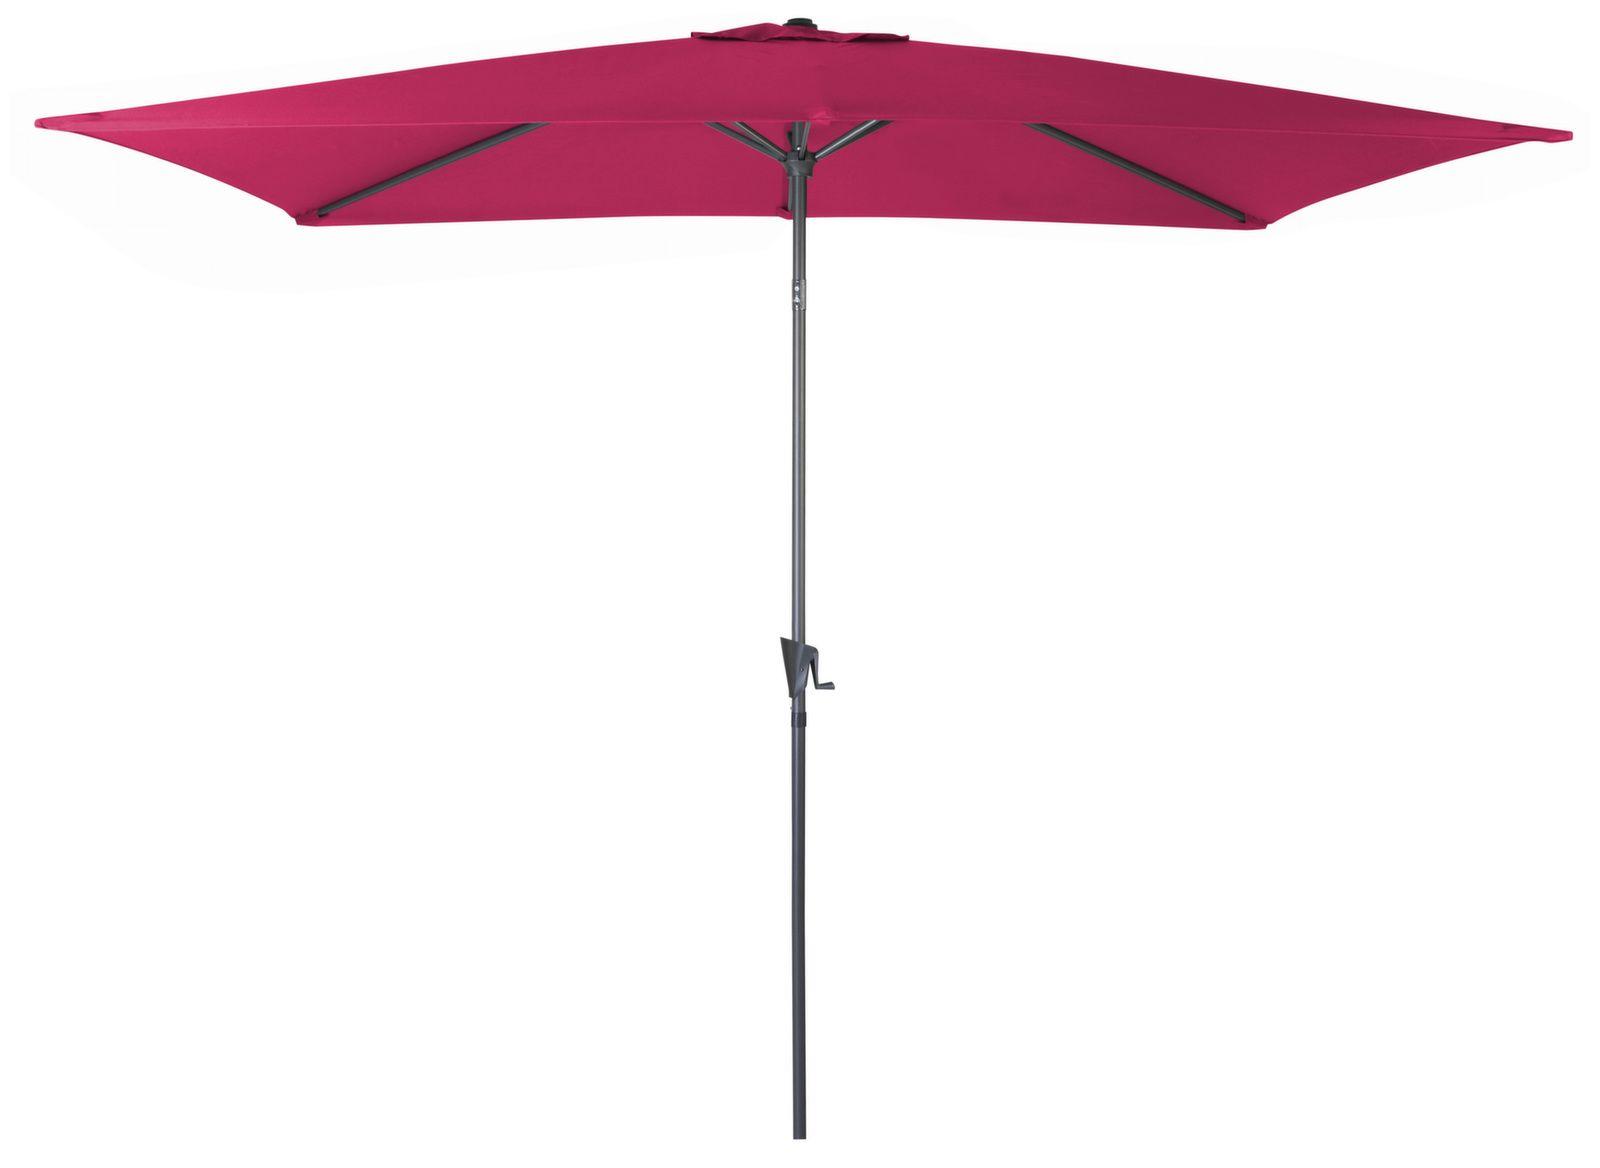 Parasol droit 3 x 2 m Manivelle